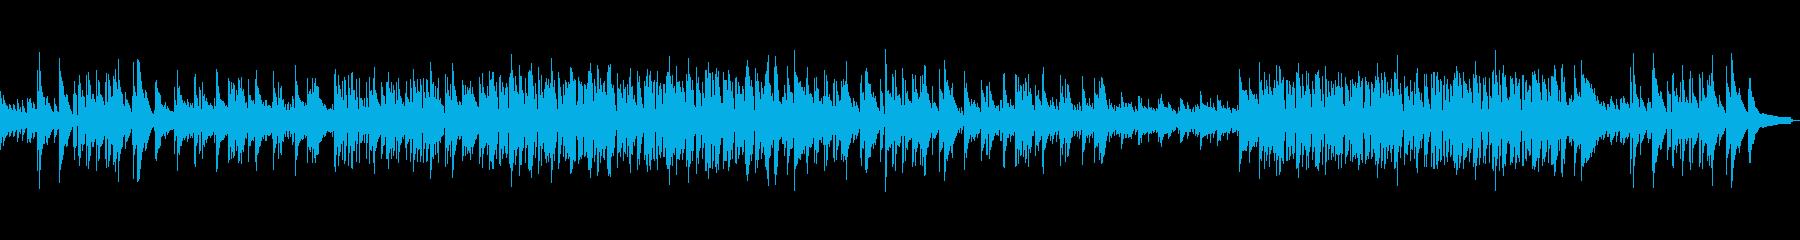 情緒溢れる癒しのピアノ・ギターポップスの再生済みの波形